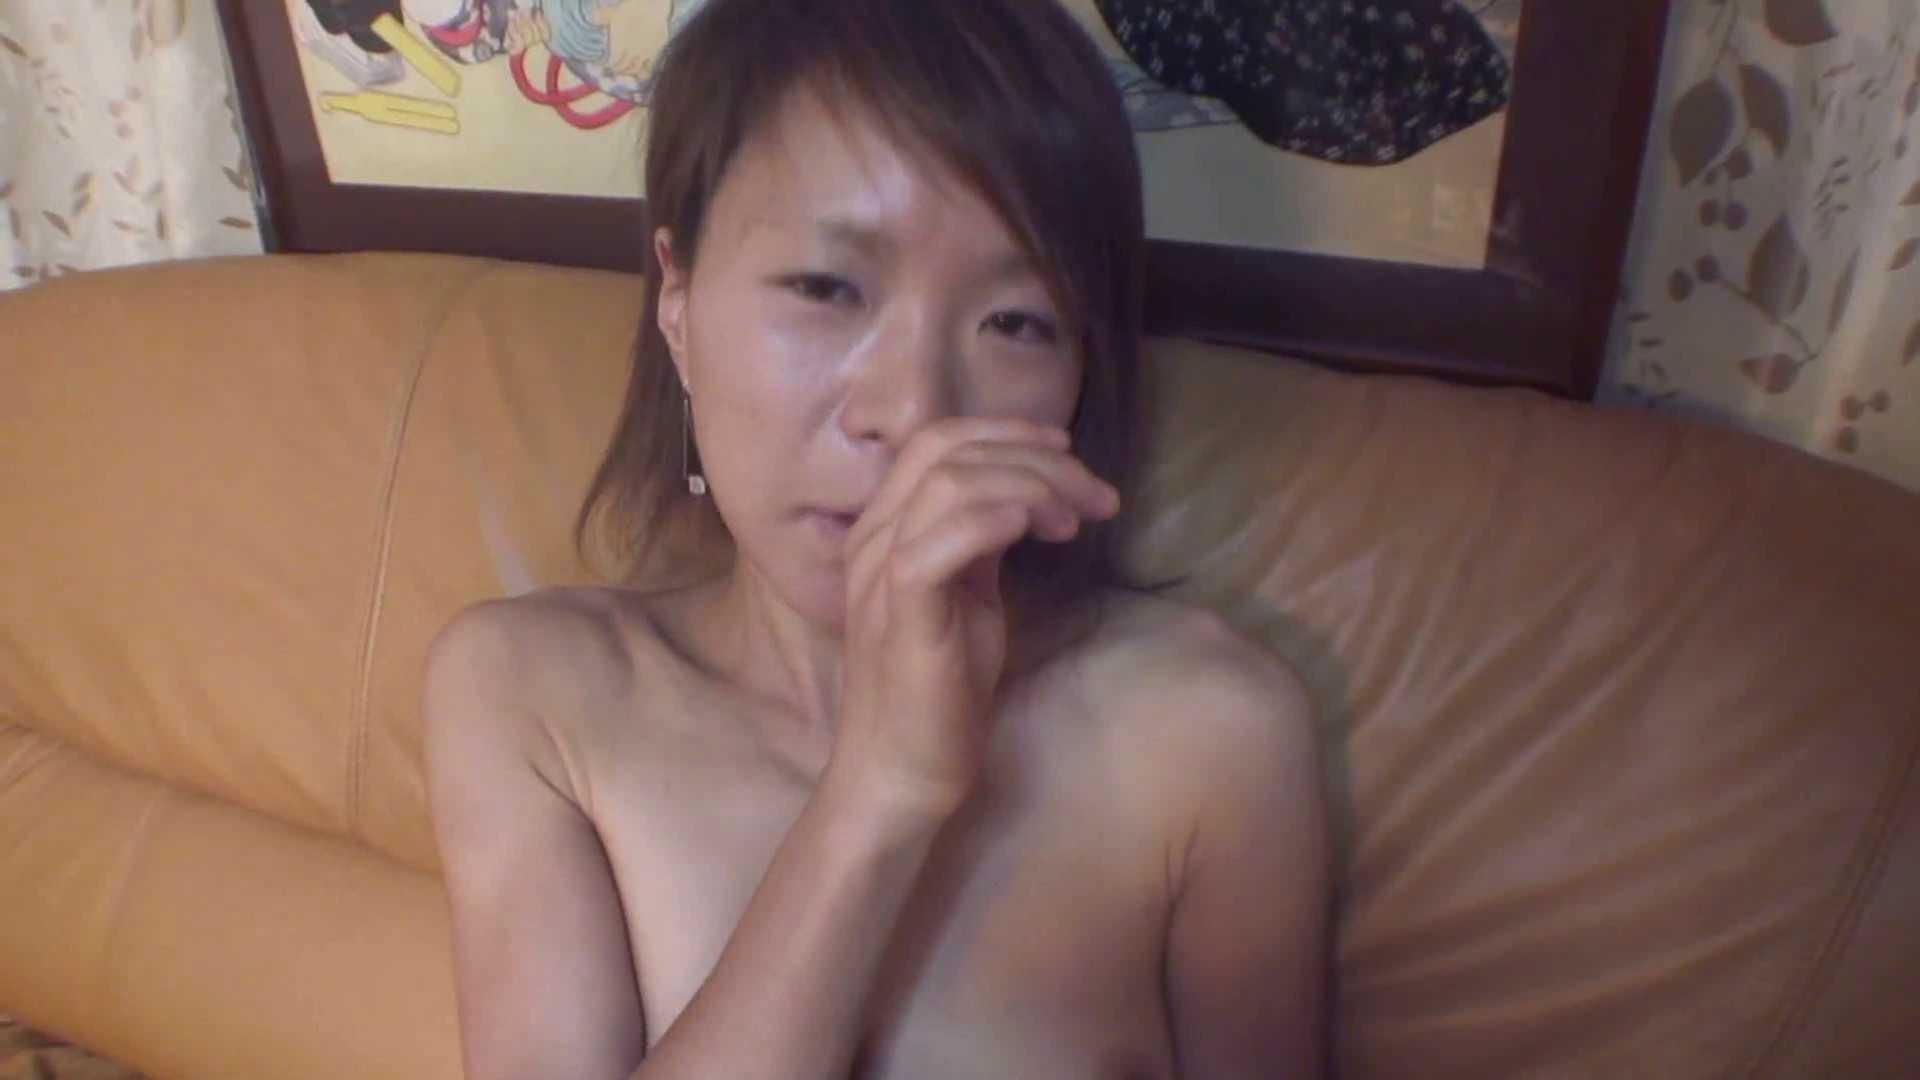 鬼才沖本監督作品 フェラしか出来ない女 アナル  46Pix 12